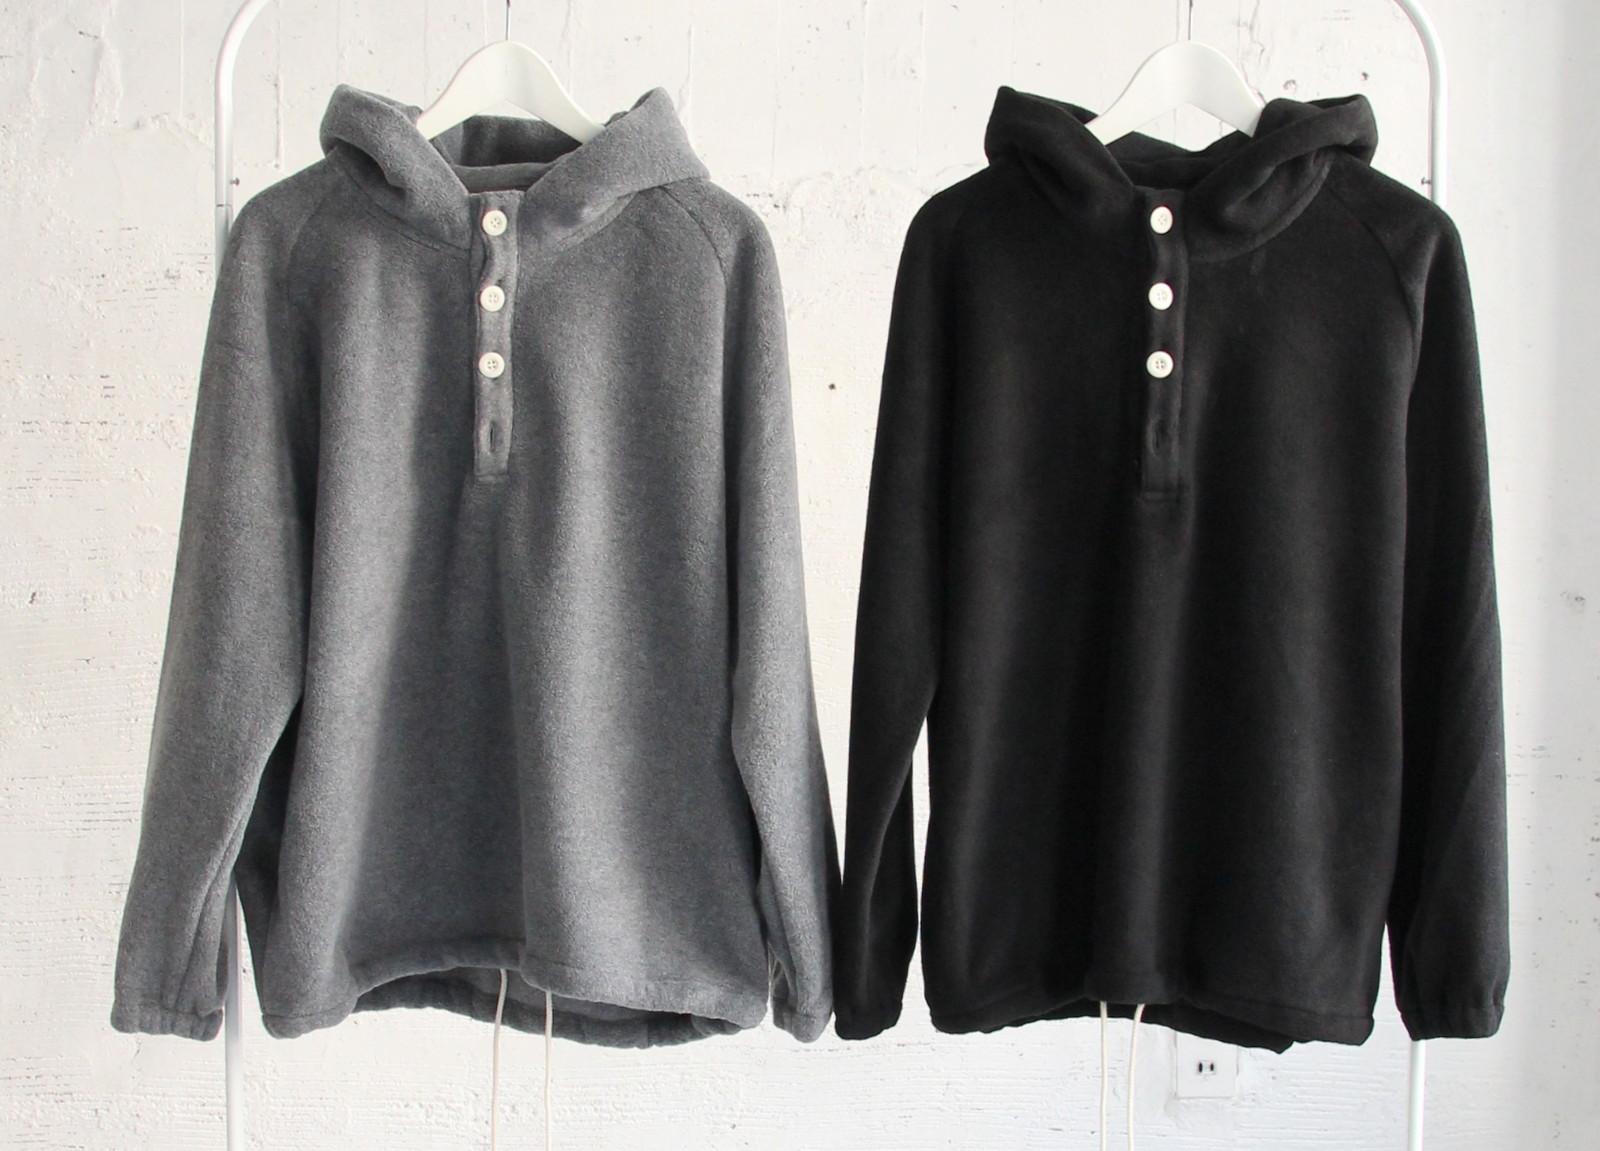 Boa Fleece Hooded Pull Over _c0379477_18291310.jpg